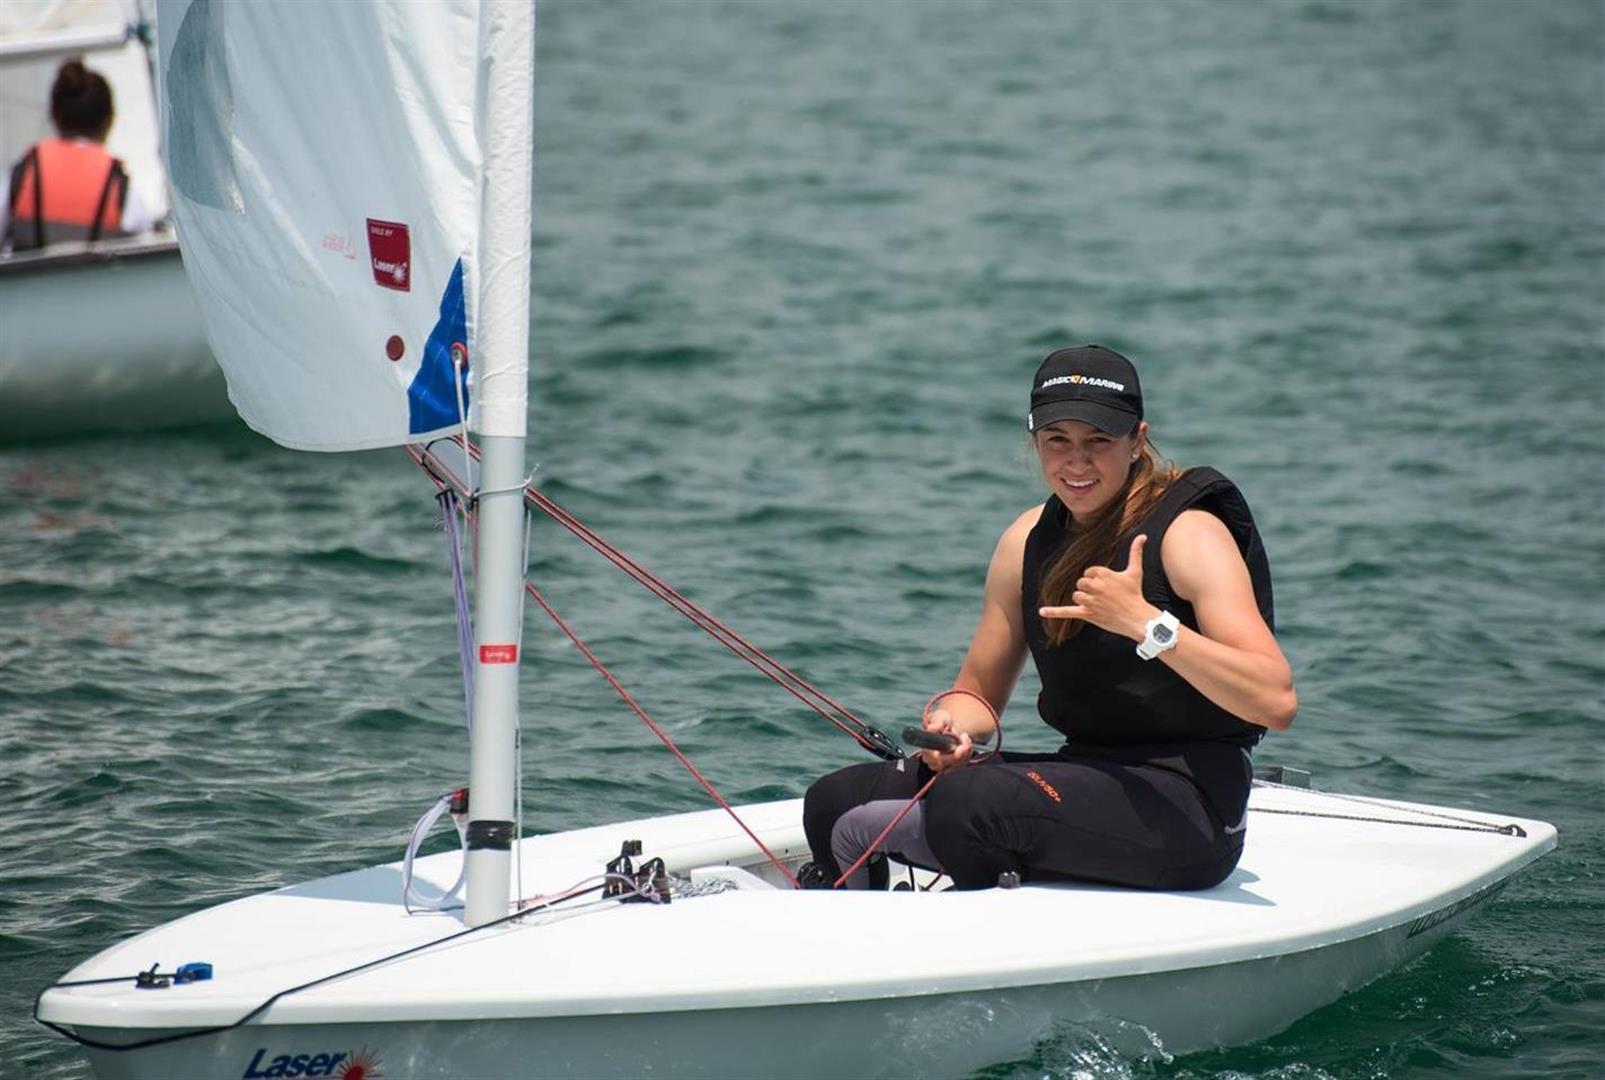 Стефани Музакова: Голямата ми цел е квота за олимпиадата в Токио